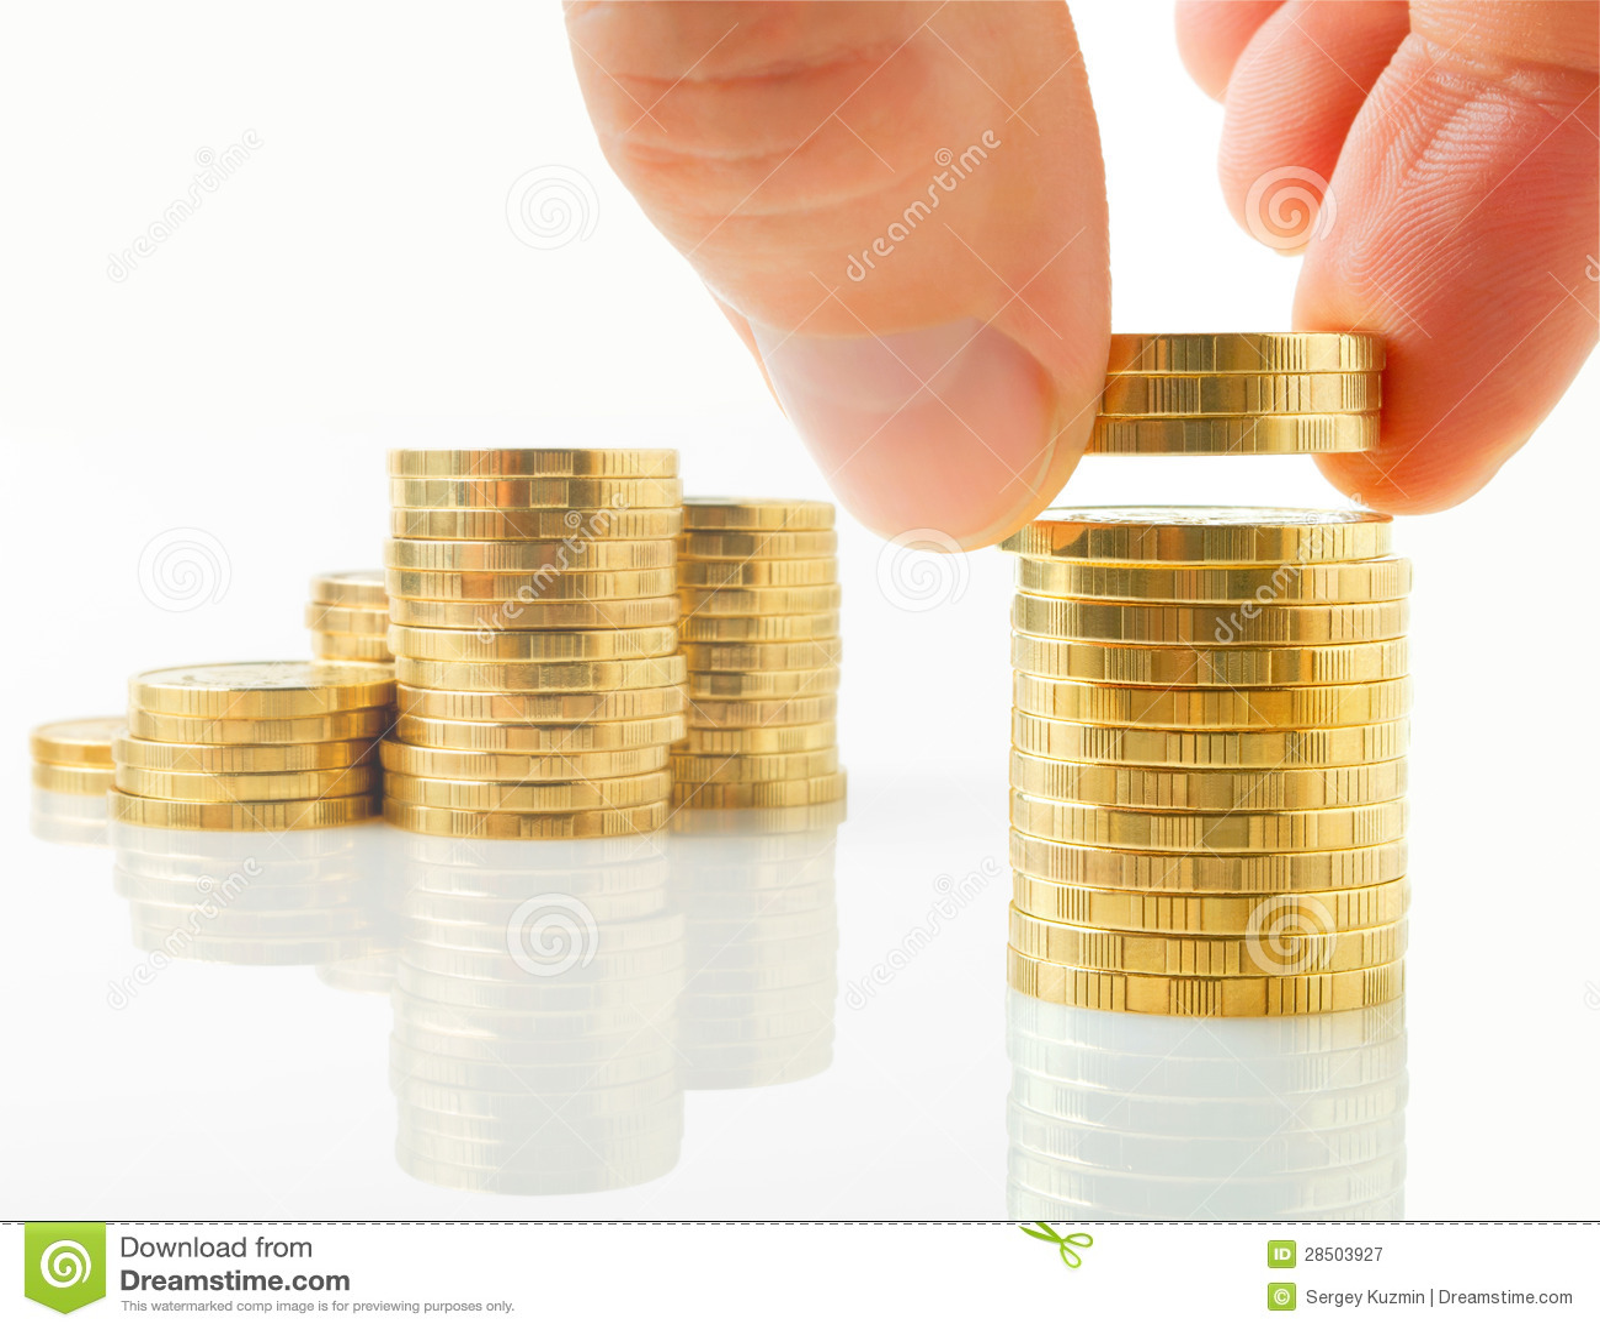 Distributie van financiële activa.